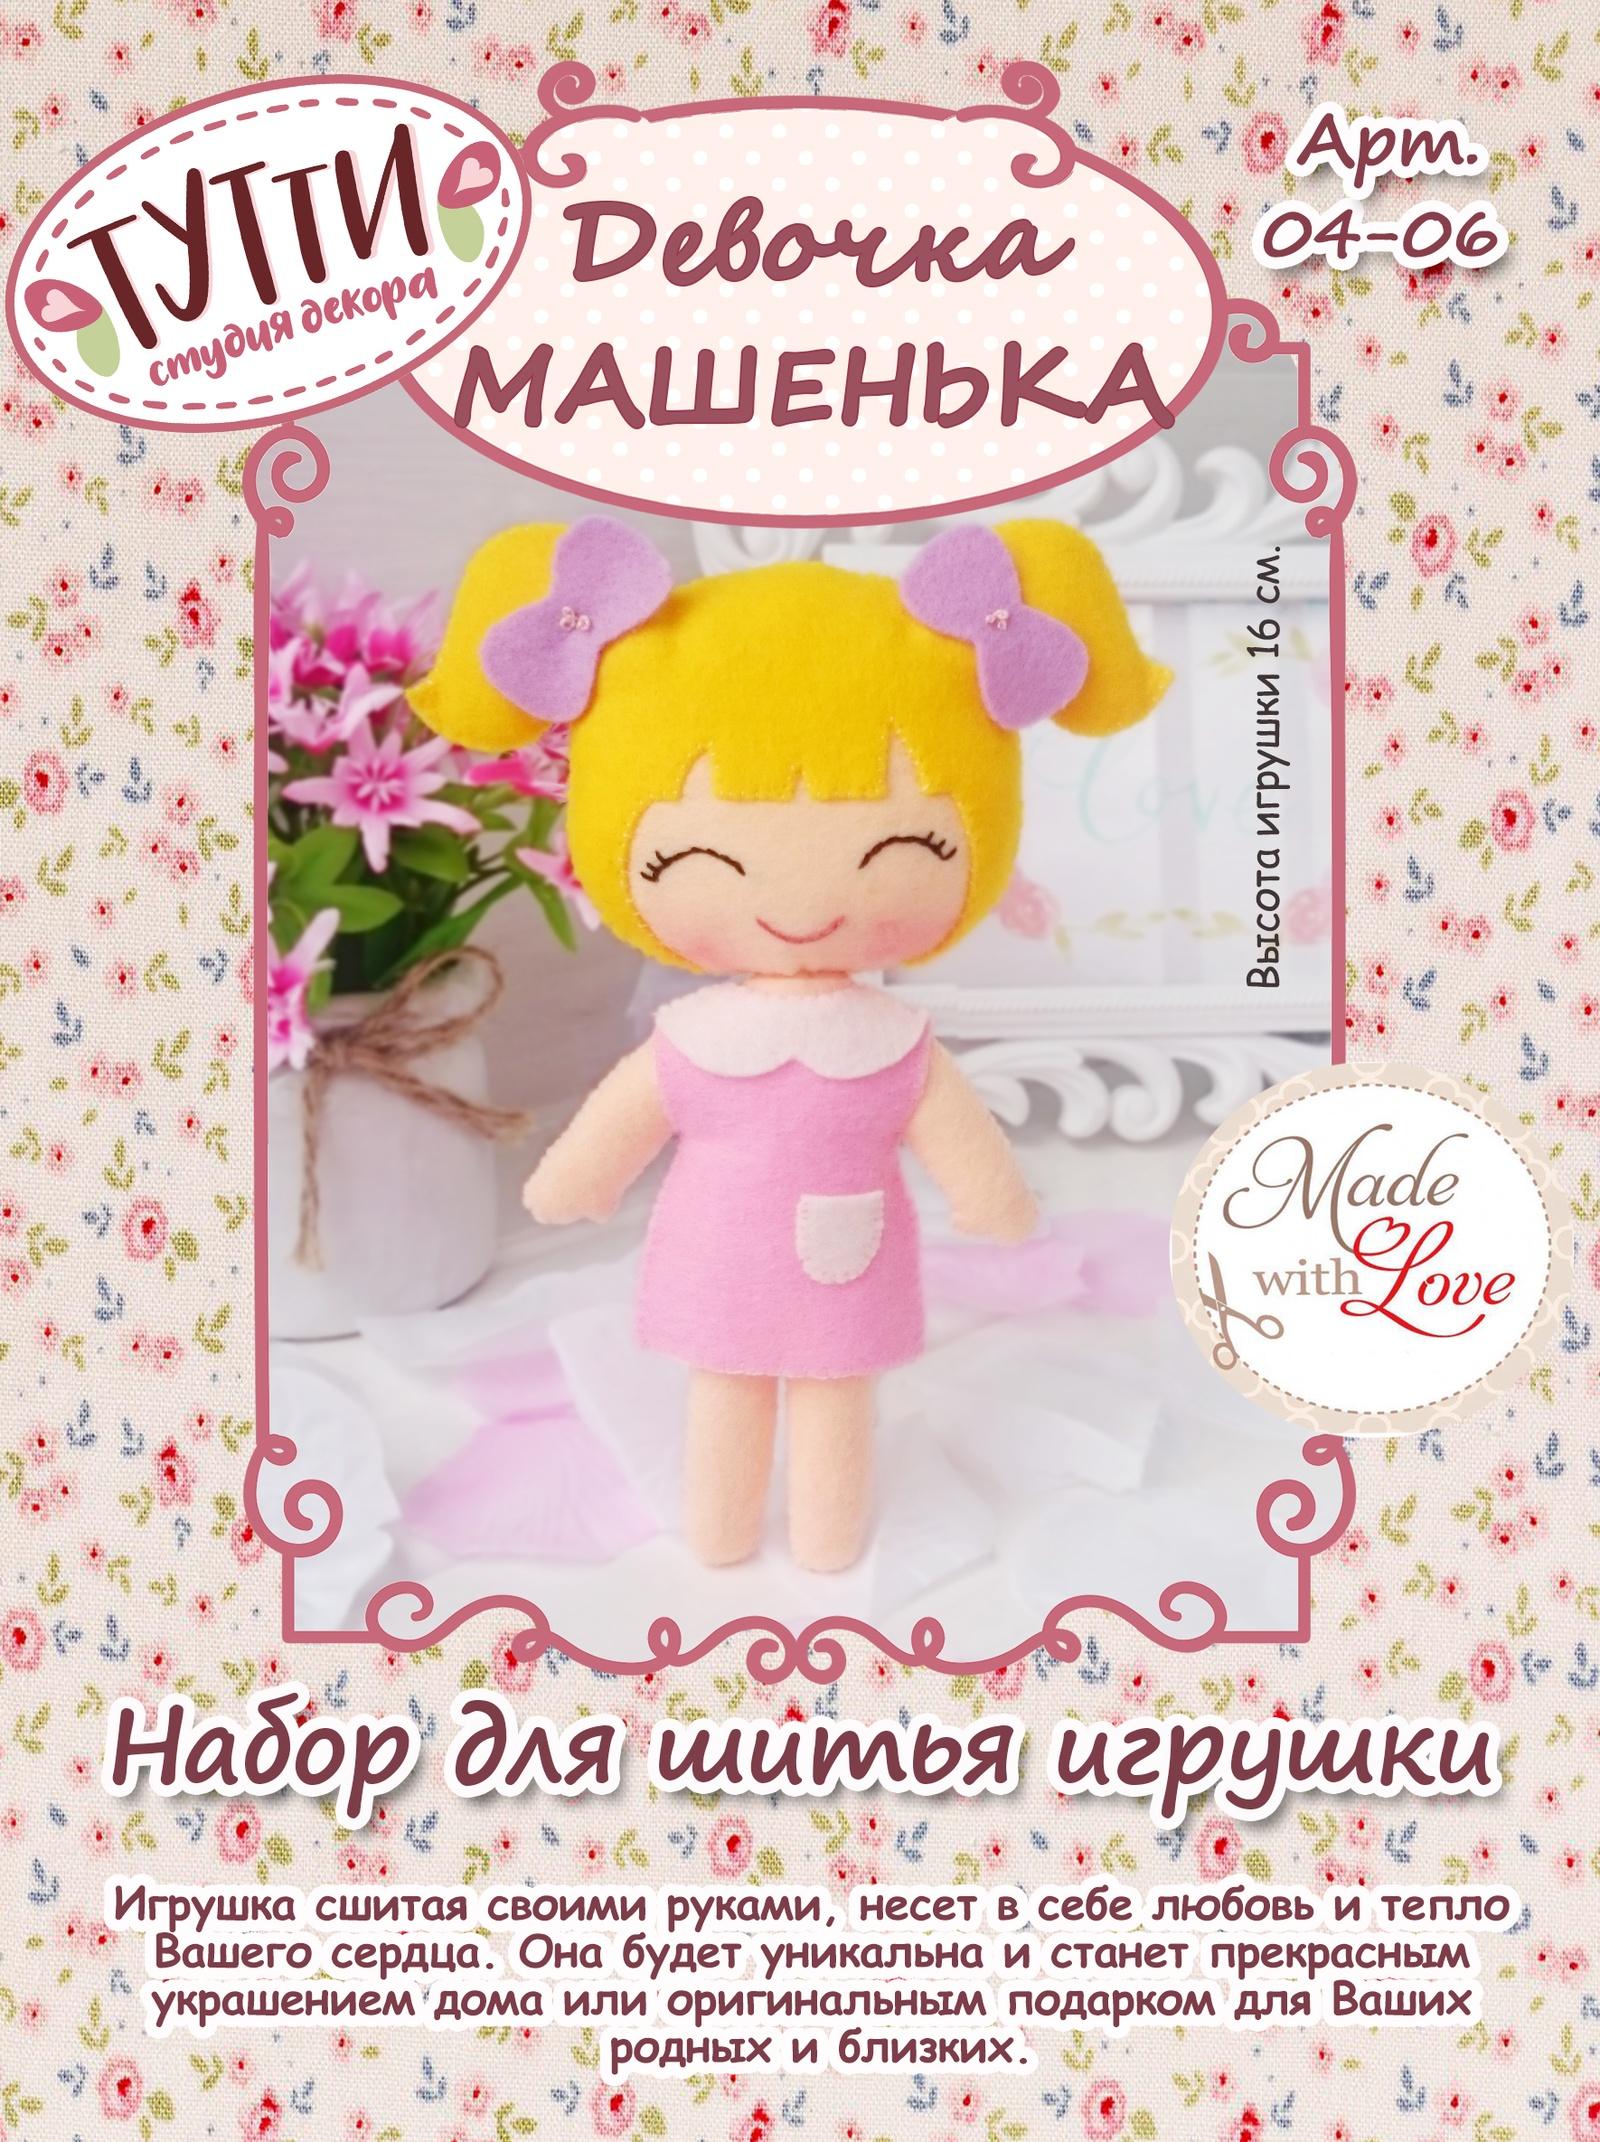 """Набор для изготовления игрушки Тутти """"Девочка Машенька"""", 04-06"""